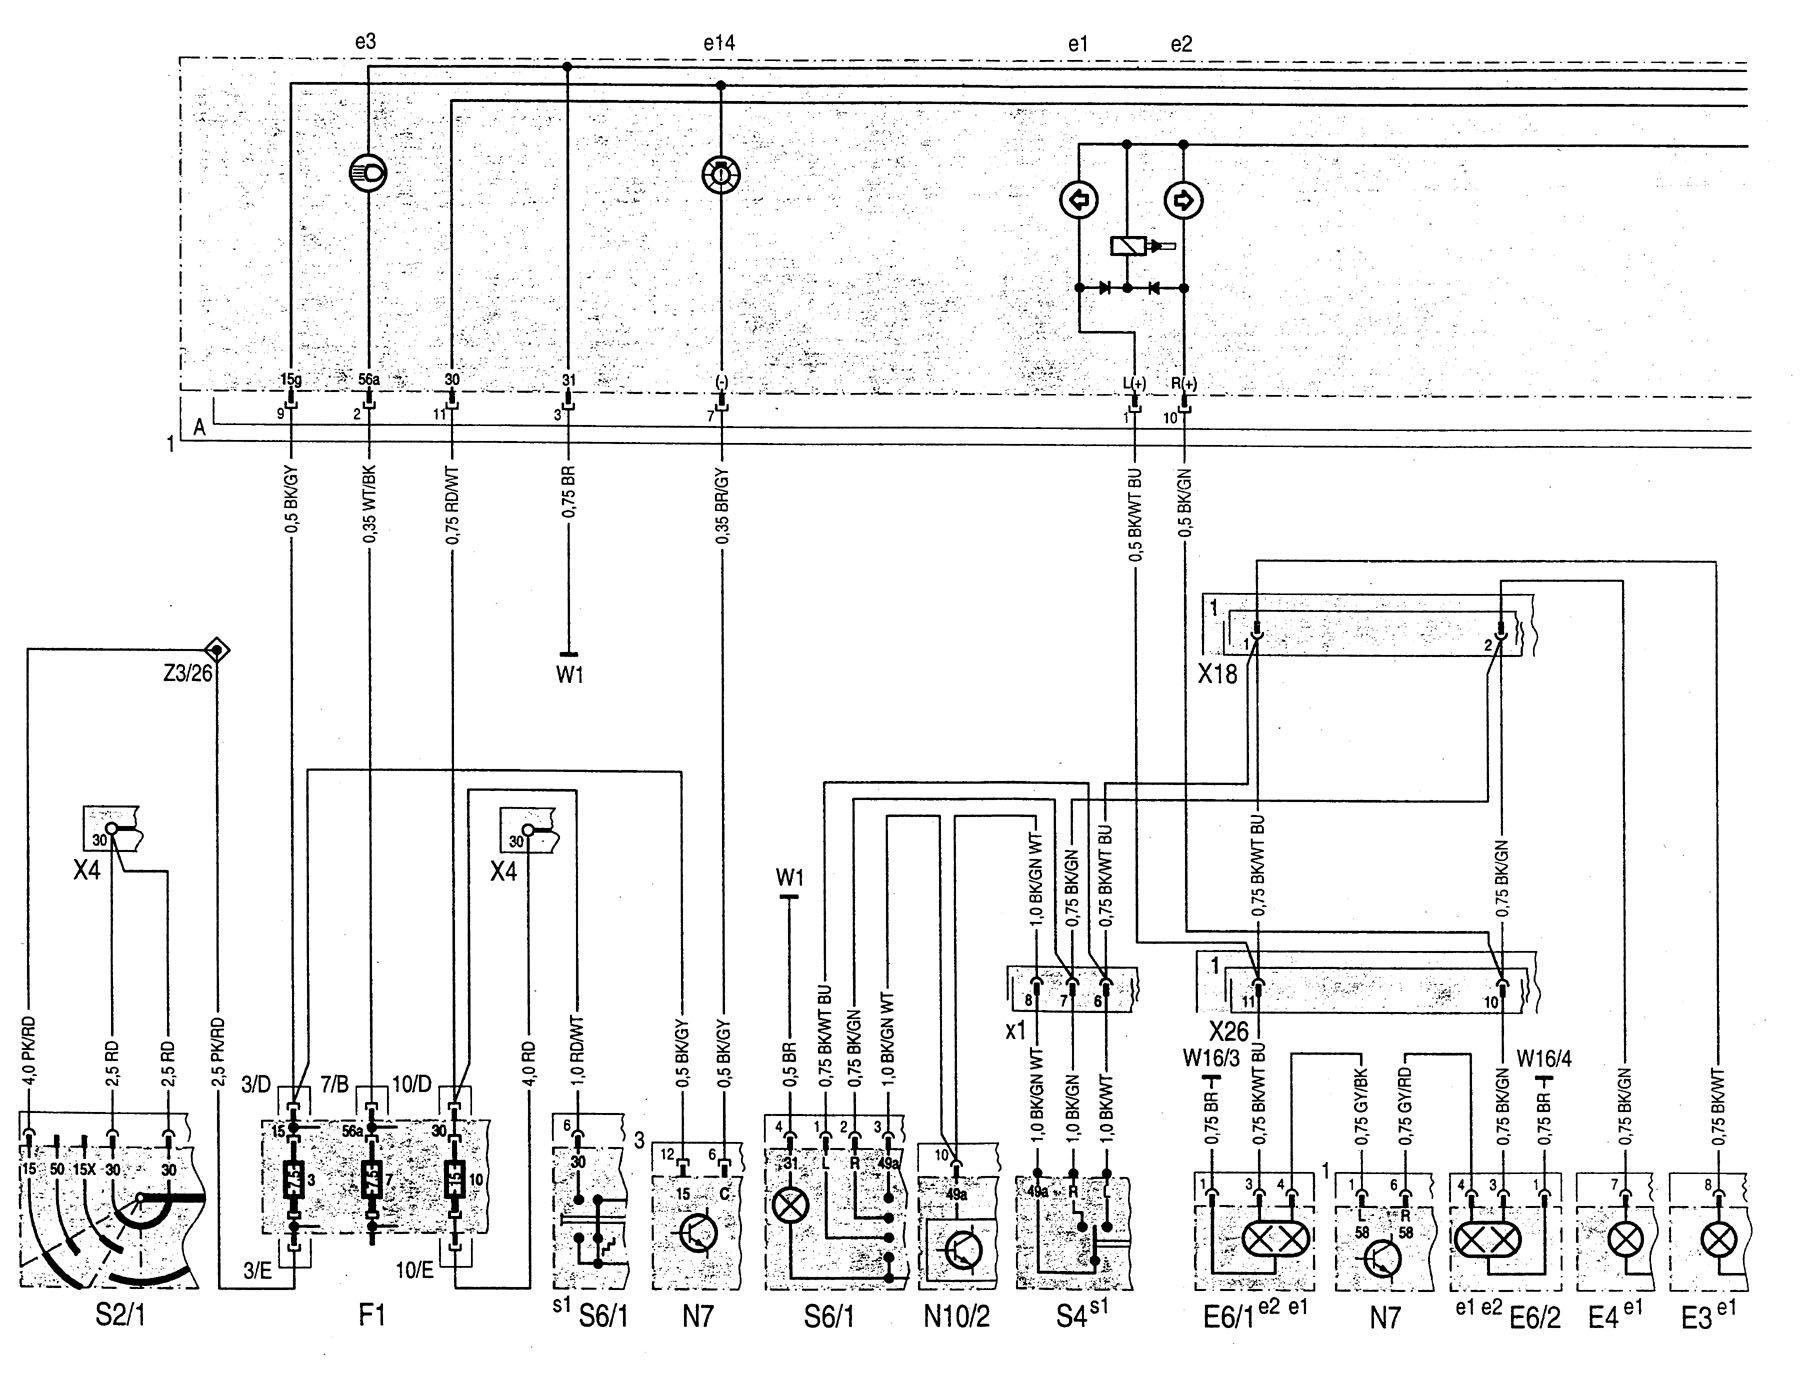 hight resolution of mercedes benz c220 wiring diagram instrumentation part 1